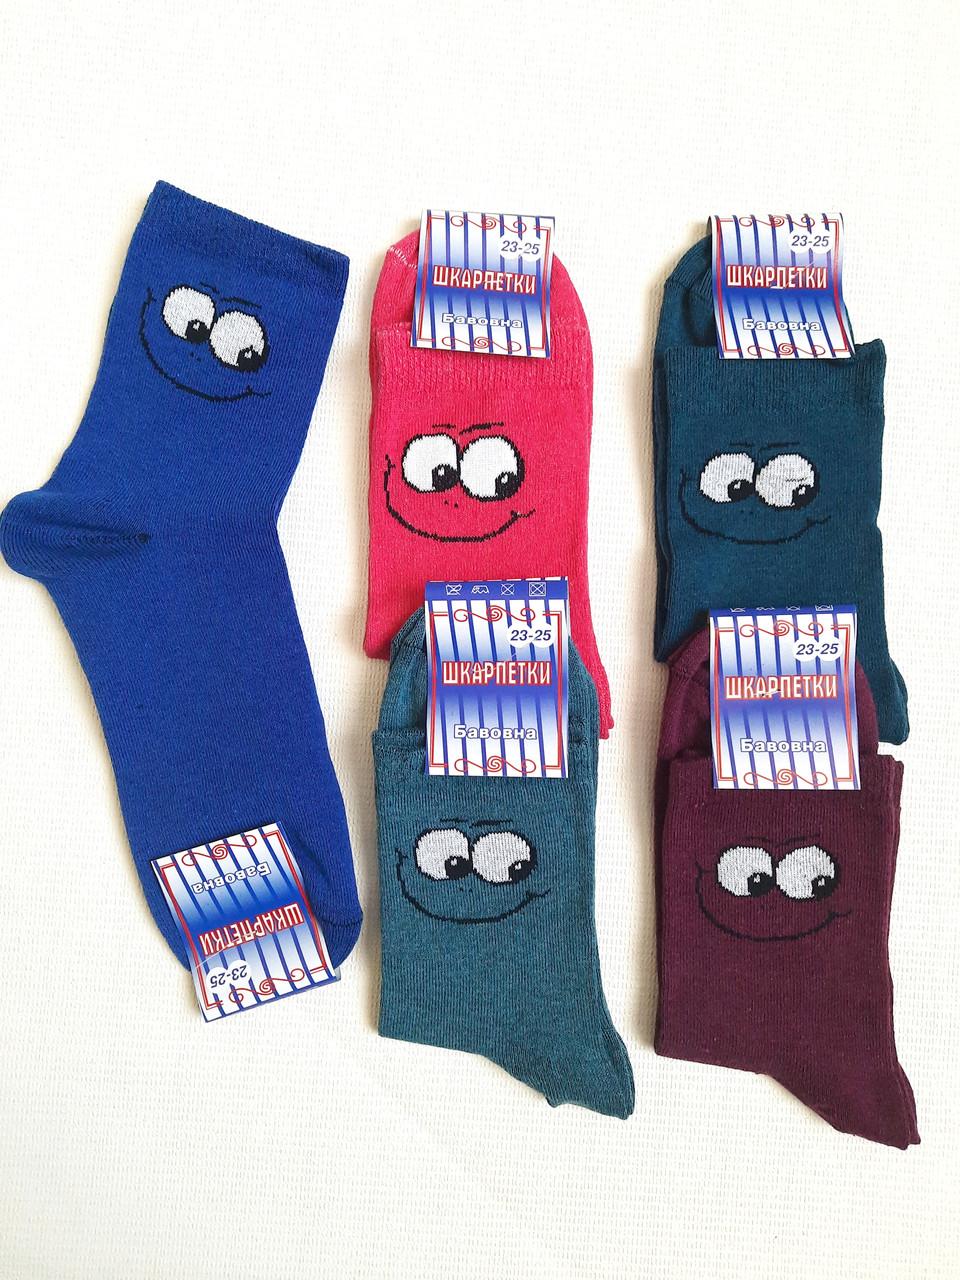 Шкарпетки жіночі бавовна стрейч Україна р. 23-25. Від 10 пар по 7грн